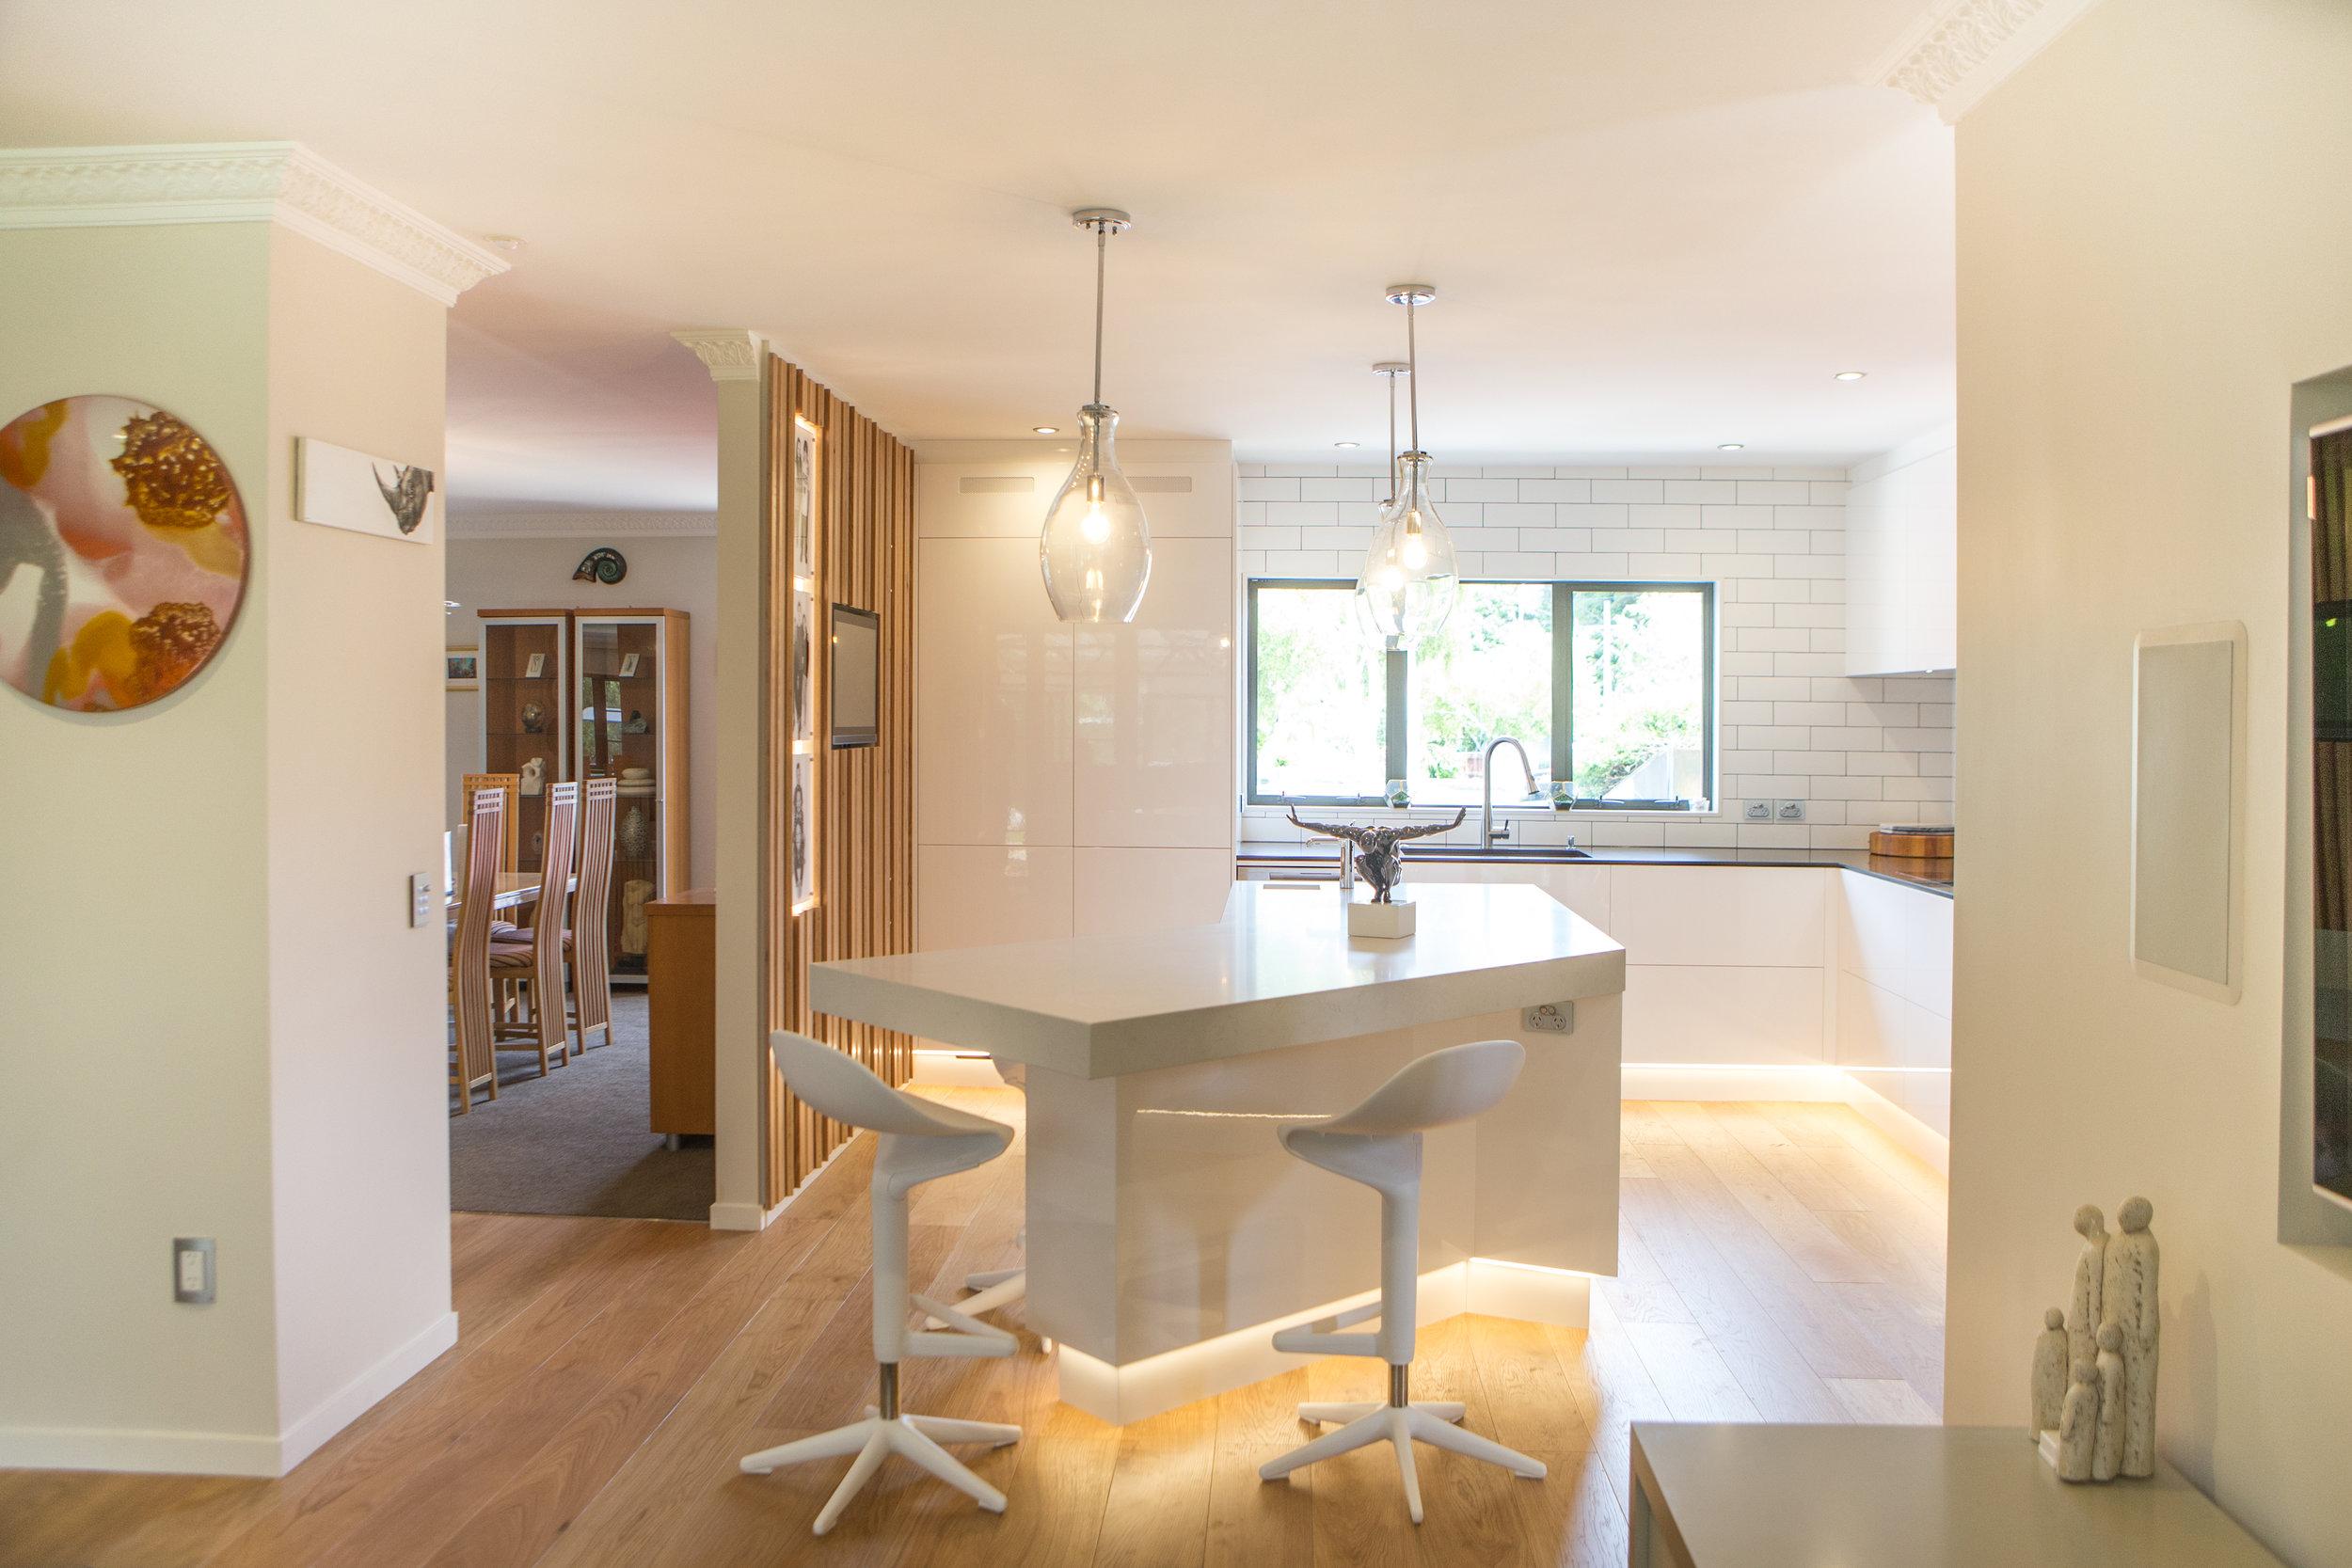 In Haus Design Kitchen Four 16.jpg